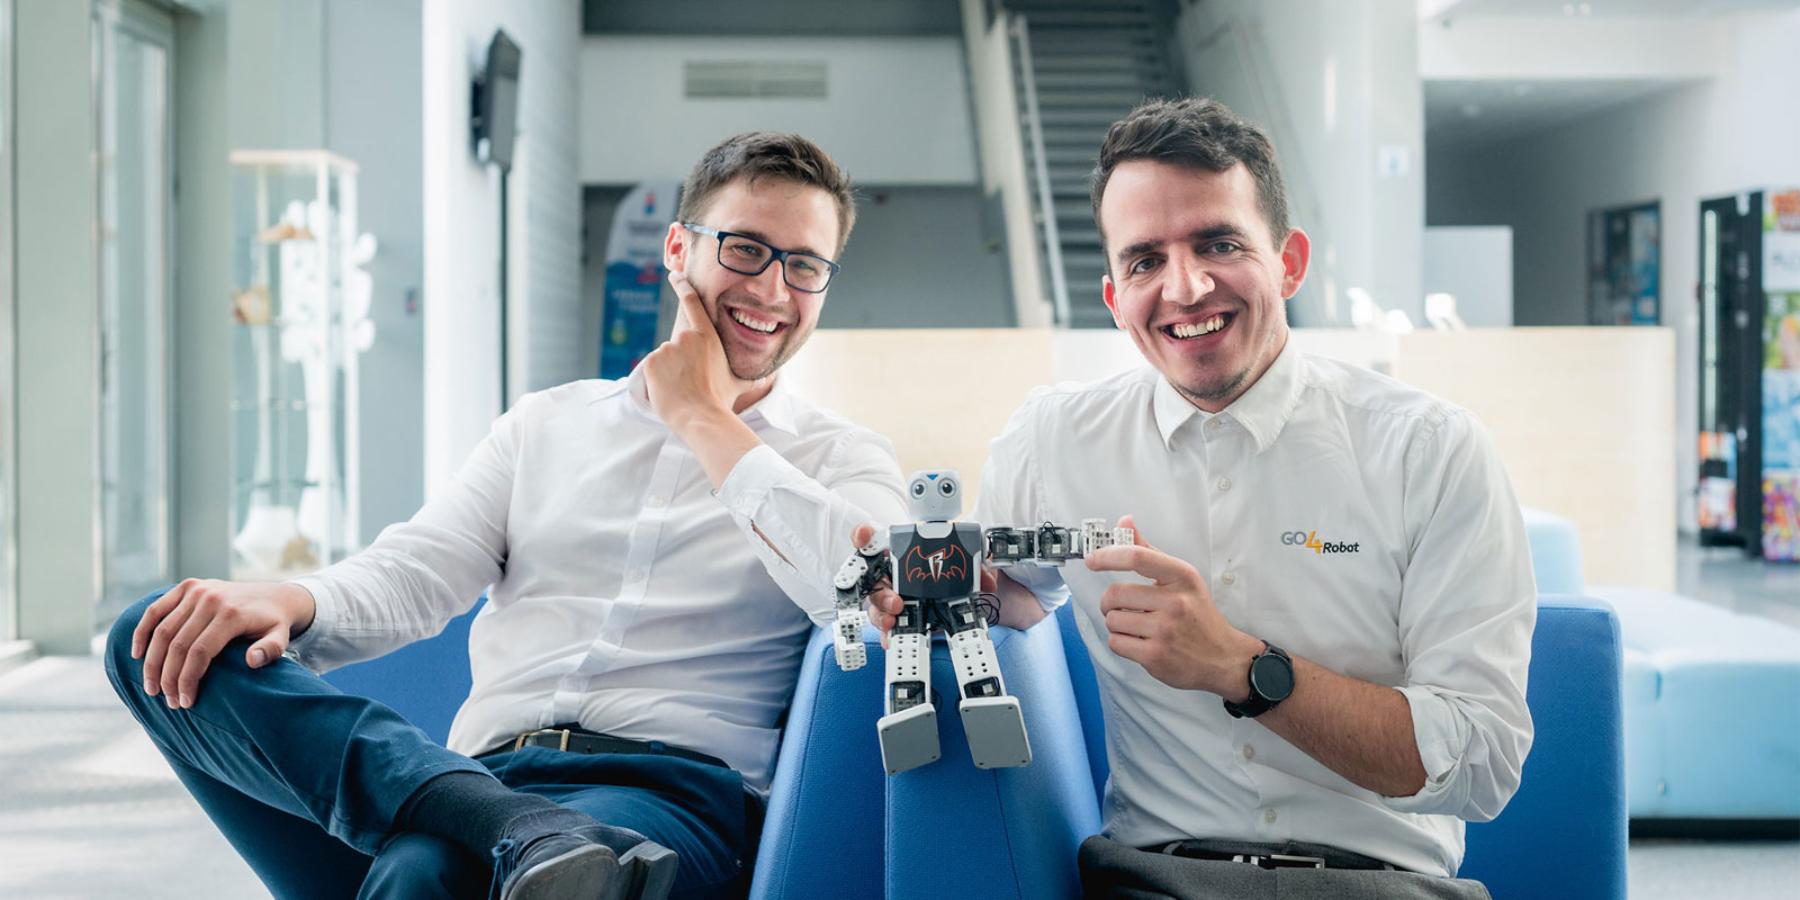 Programowanie dla dzieci przy pomocy robotów zklocków LEGO. GO4Robot był studenckim pomysłem, dziś ma tysiące klientów